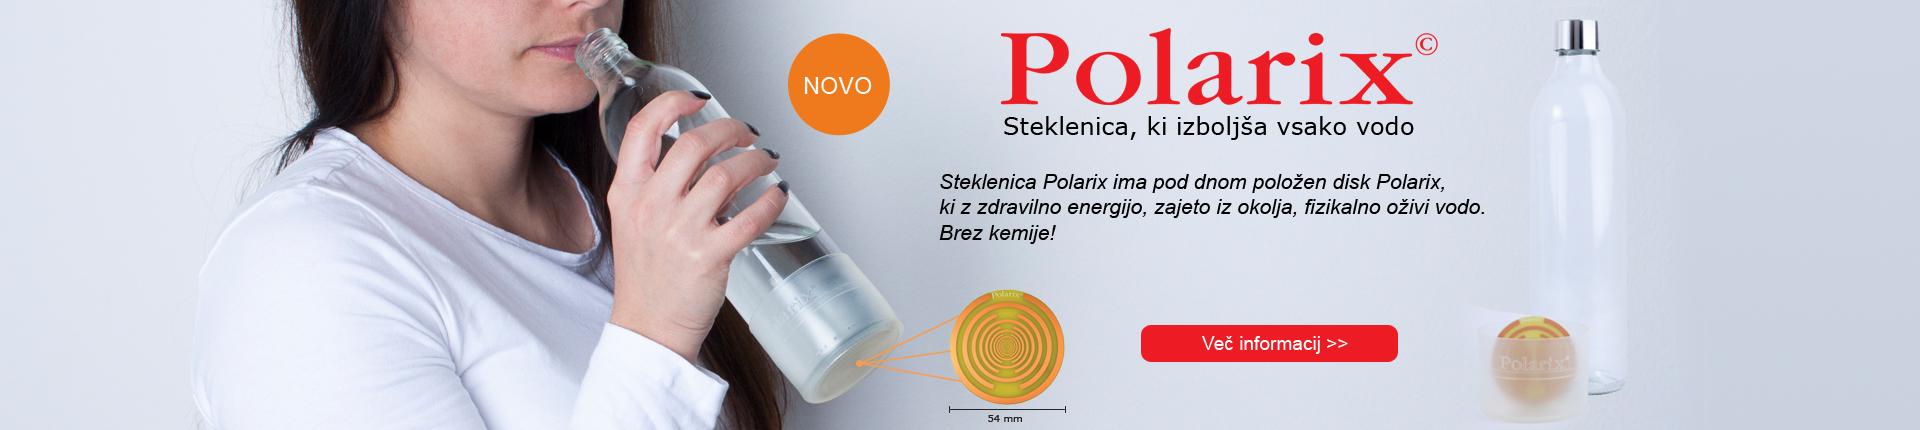 Steklenica Polarix izboljša vodo